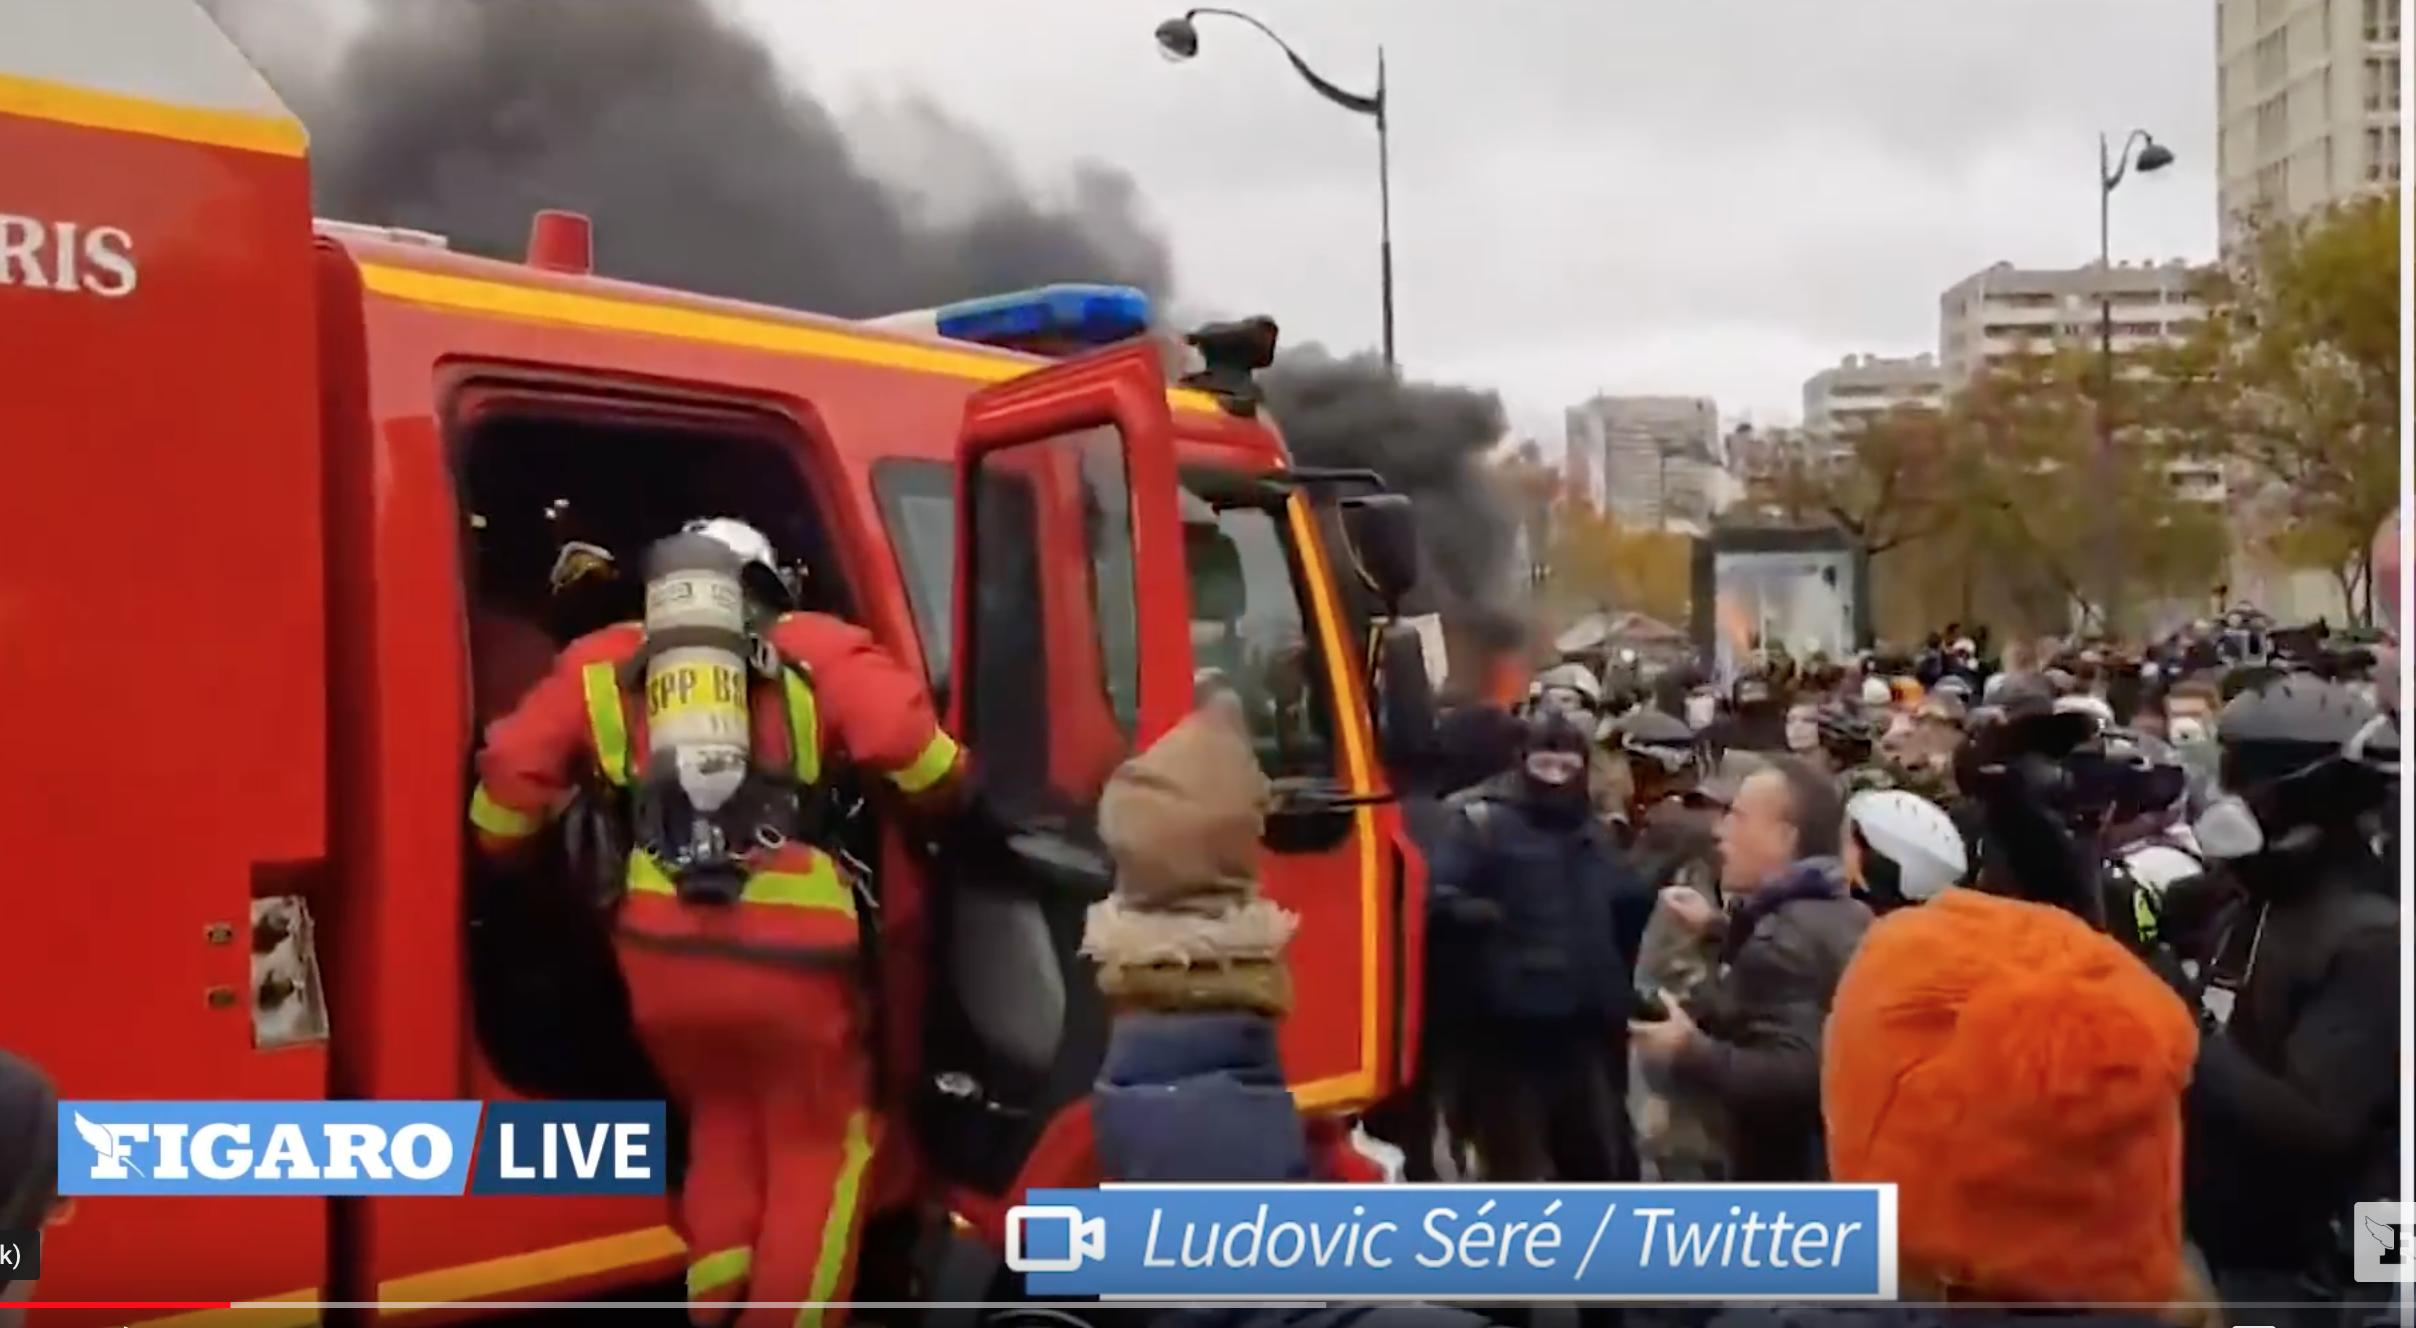 L'Etat macronien éborgne une Florina mais n'est pas capable de protéger ses pompiers ! Scène hallucinante